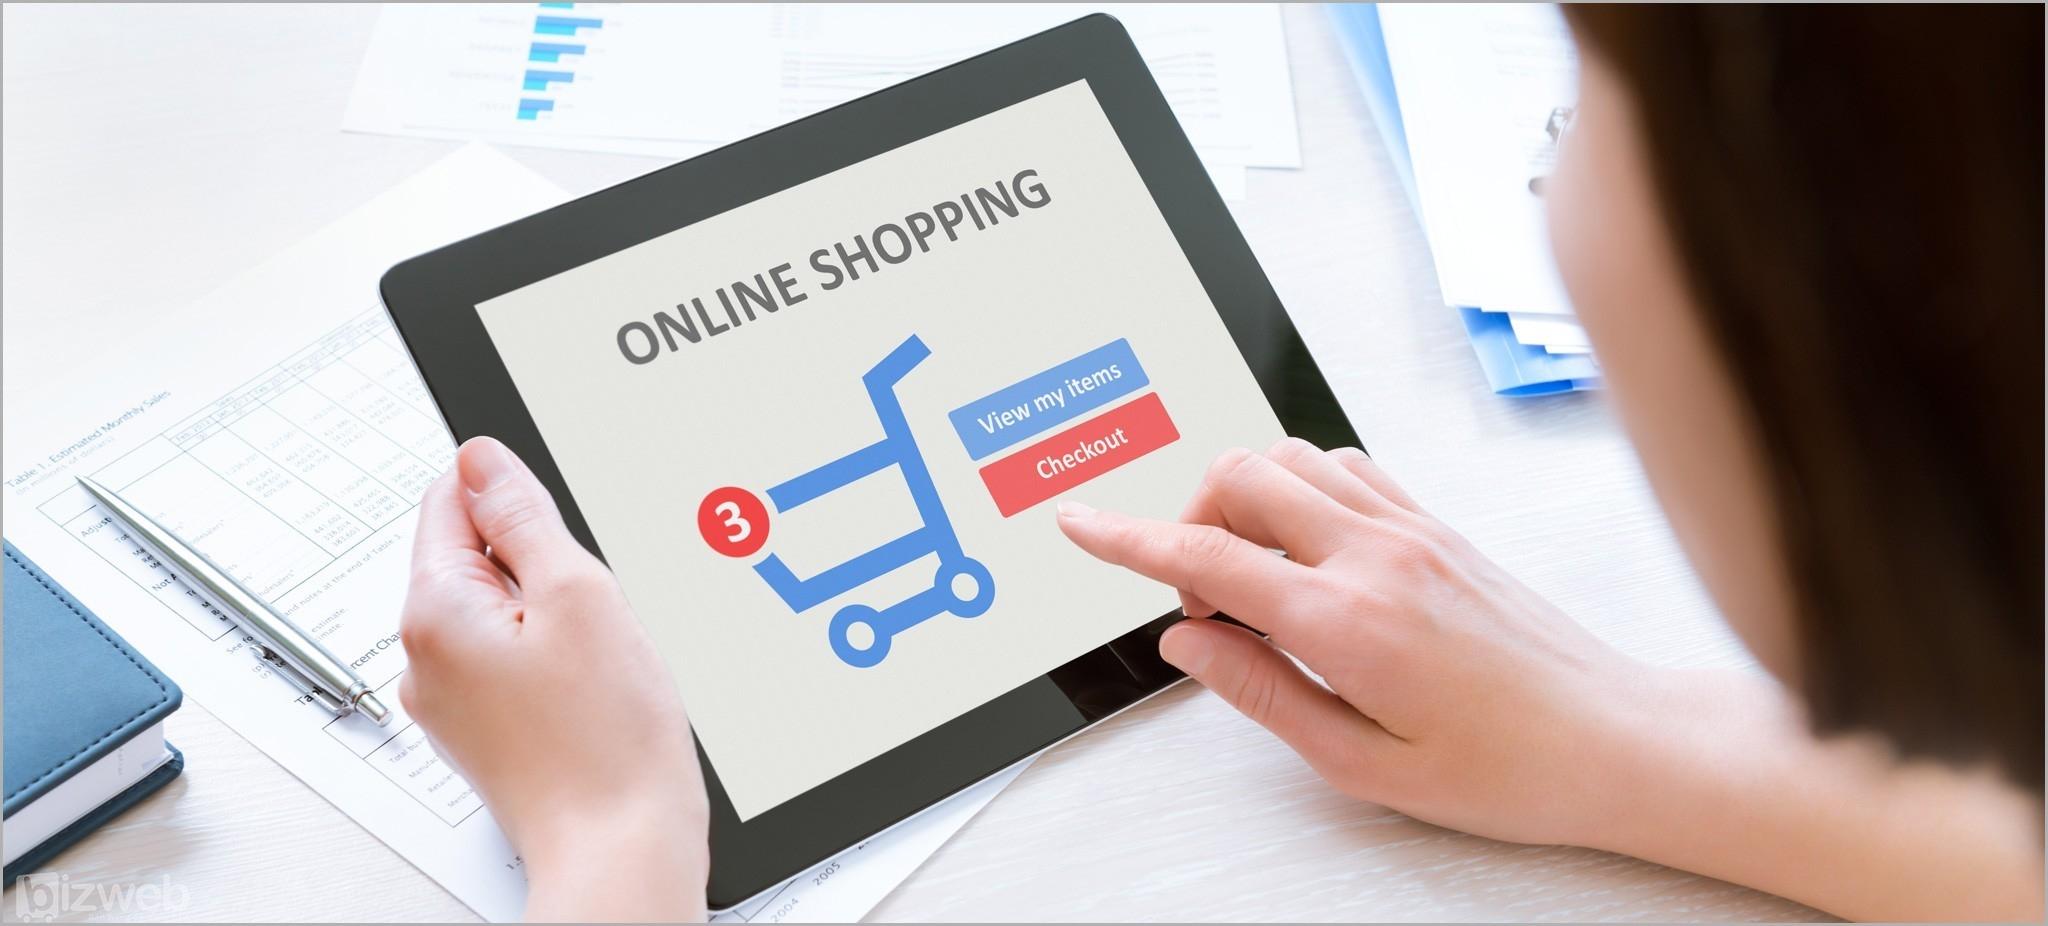 Thủ thuật kinh doanh online hiệu quả